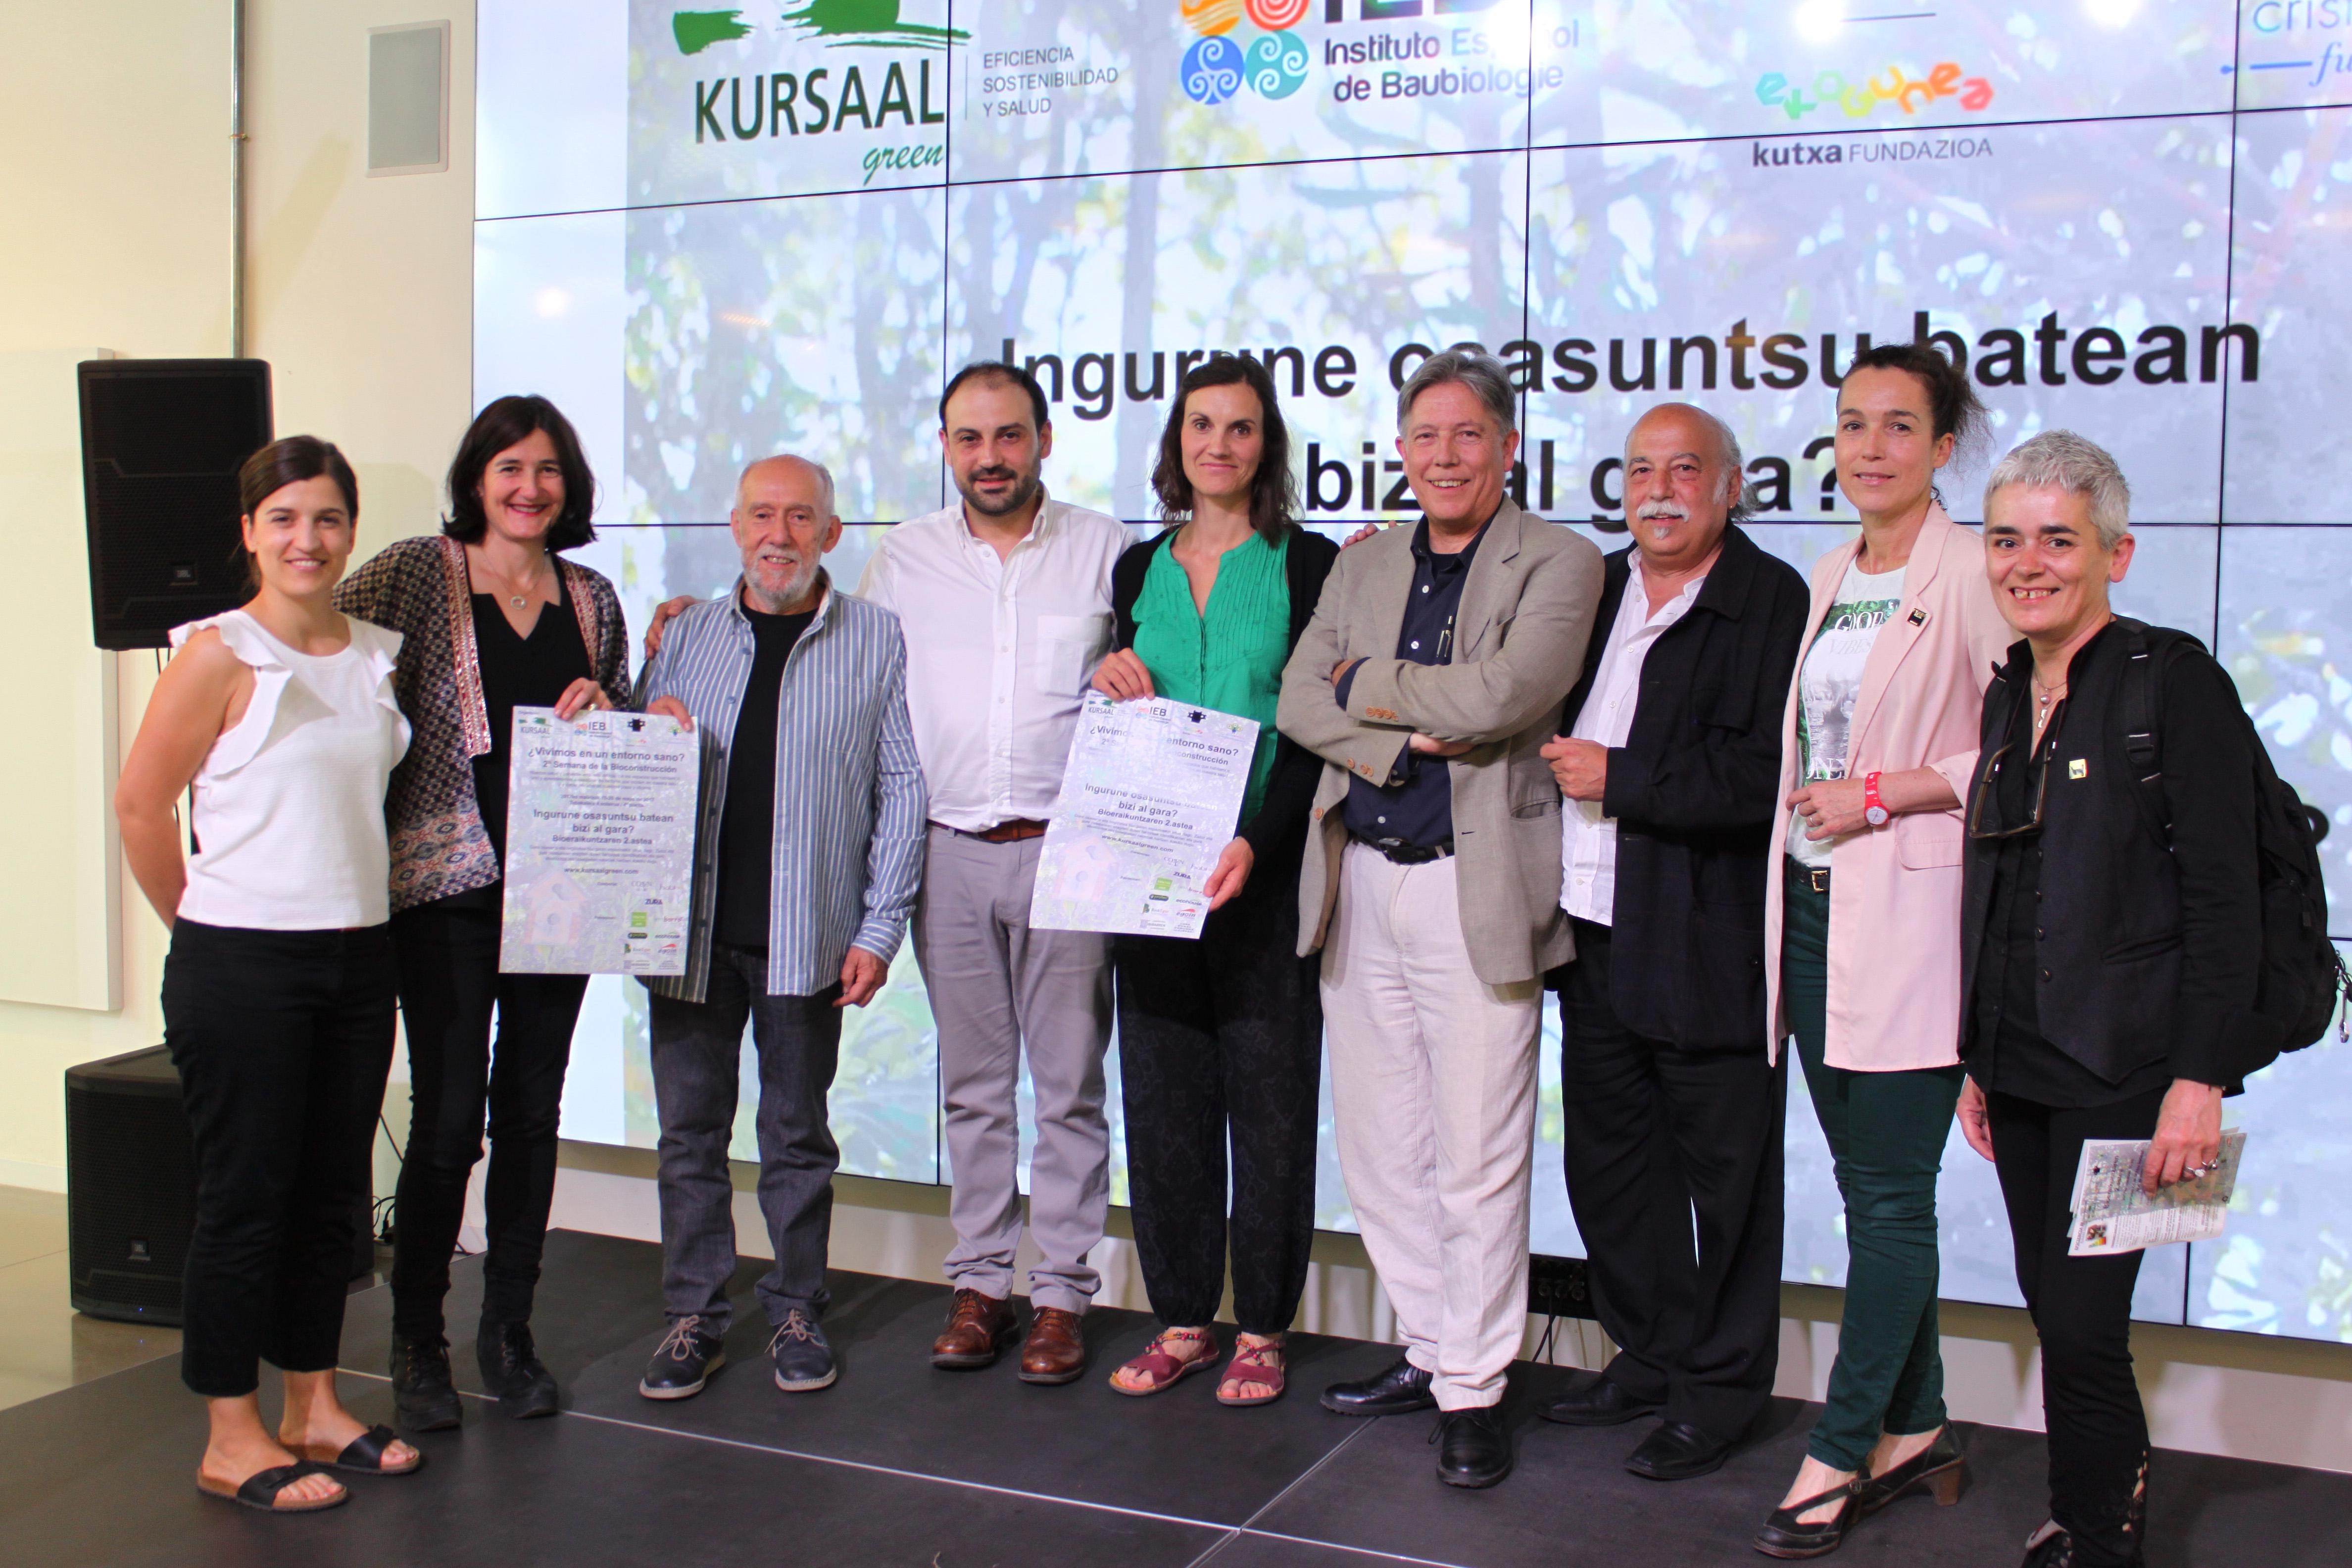 foto noticia: Inauguramos la 2ª Semana de la Bioconstrucción organizada por Kursaal Green, IEB, Cristina Enea y Ekogunea